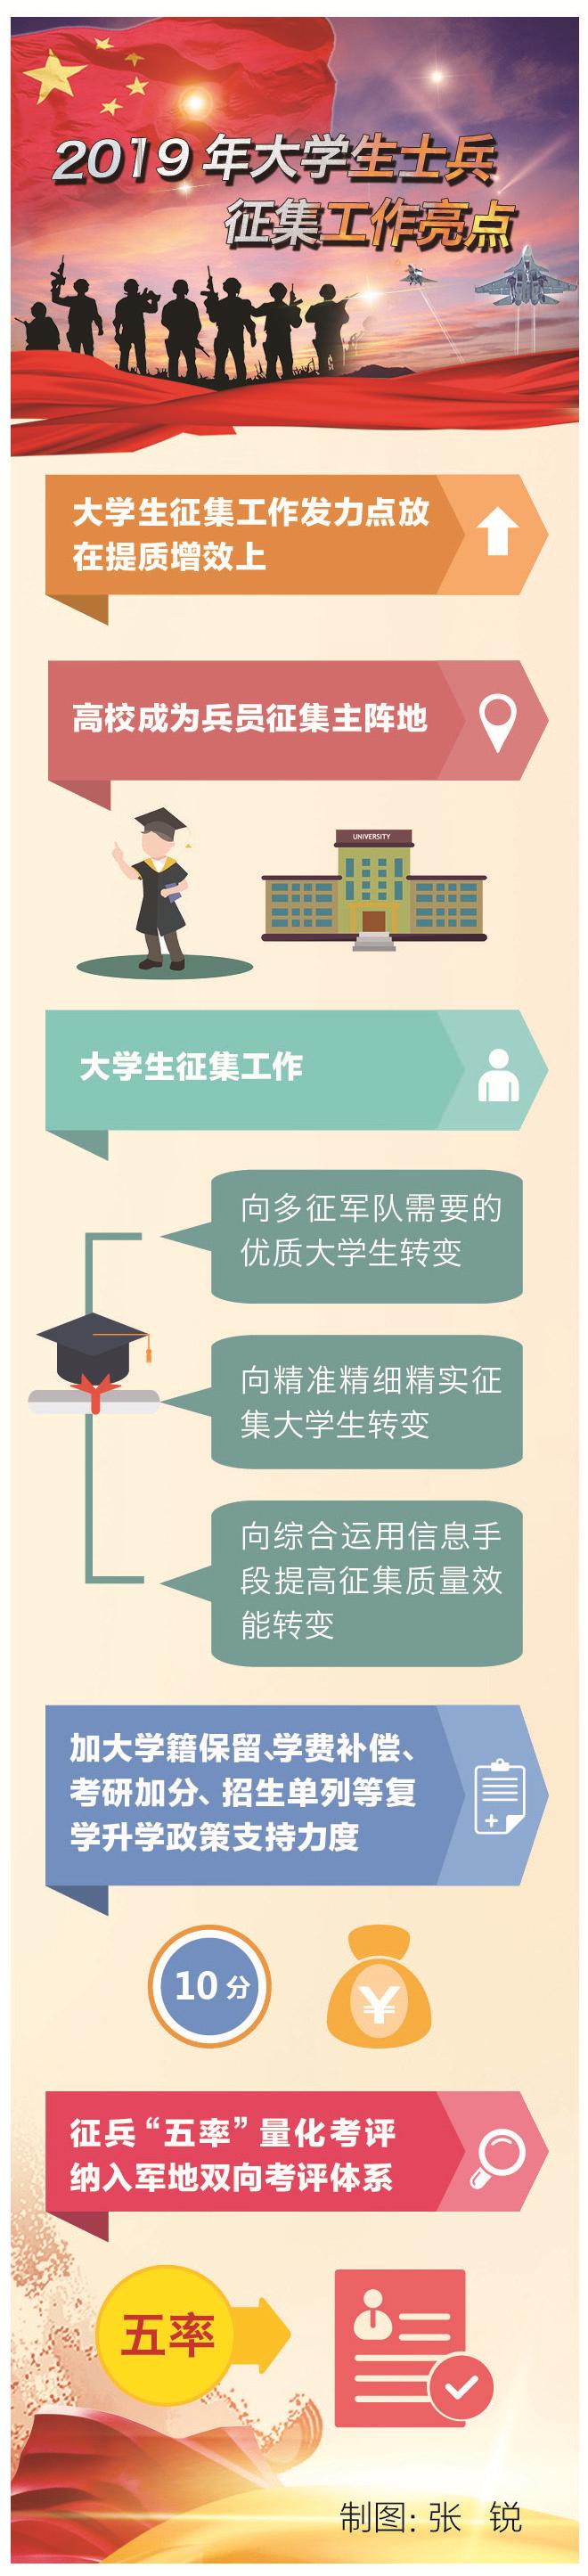 """2019年大学生士兵征集工作回眸 """"含金量""""一词首度公开提及"""